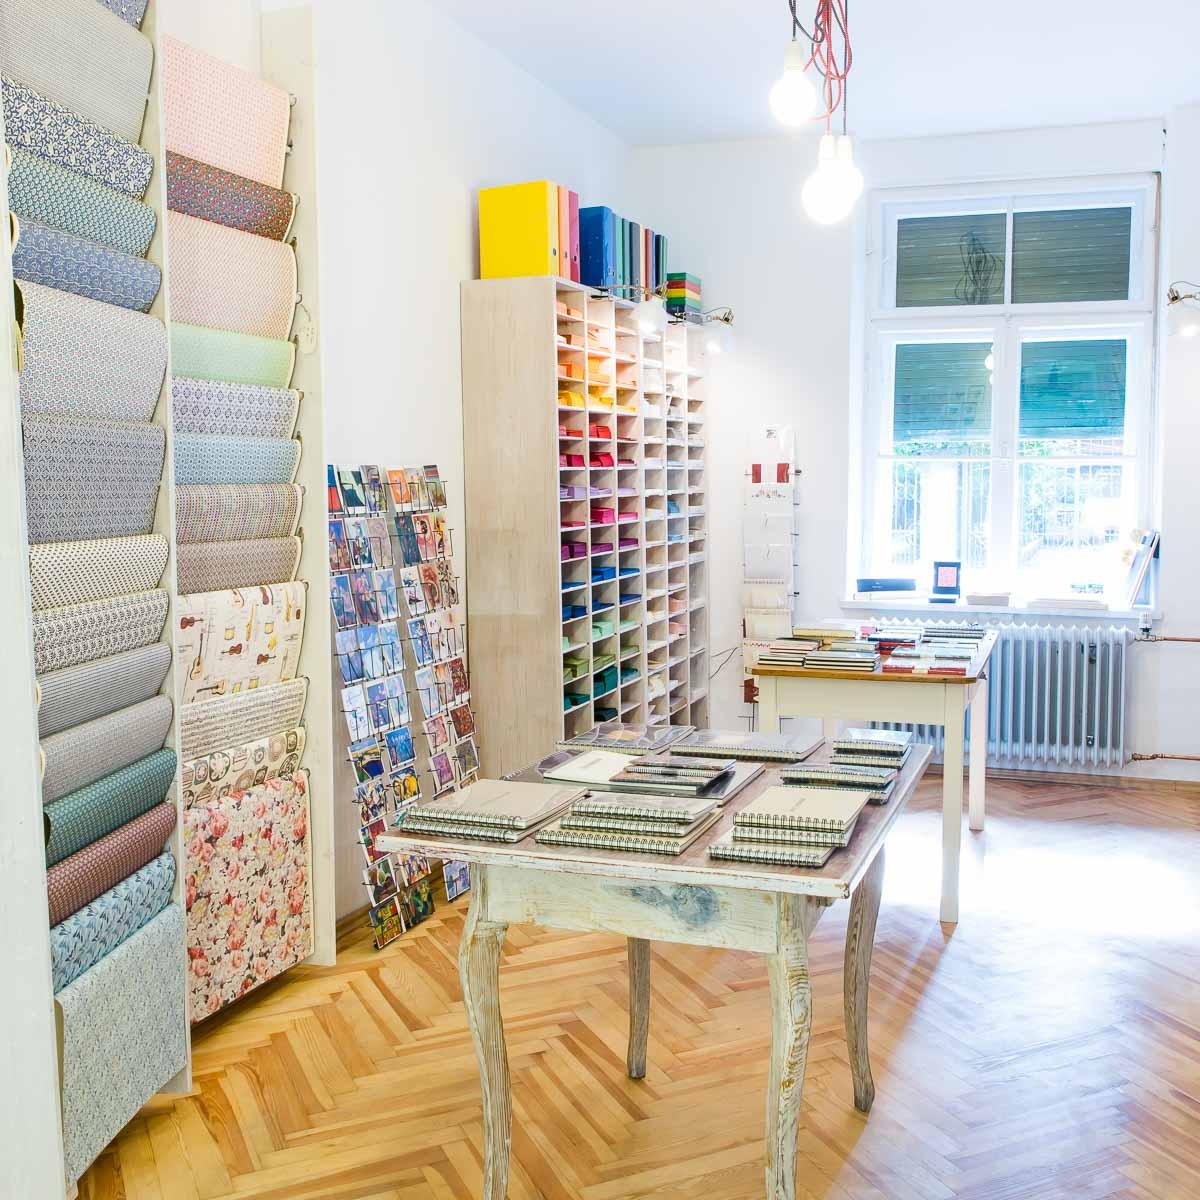 Papierladen Rosinger in München Haidhausen